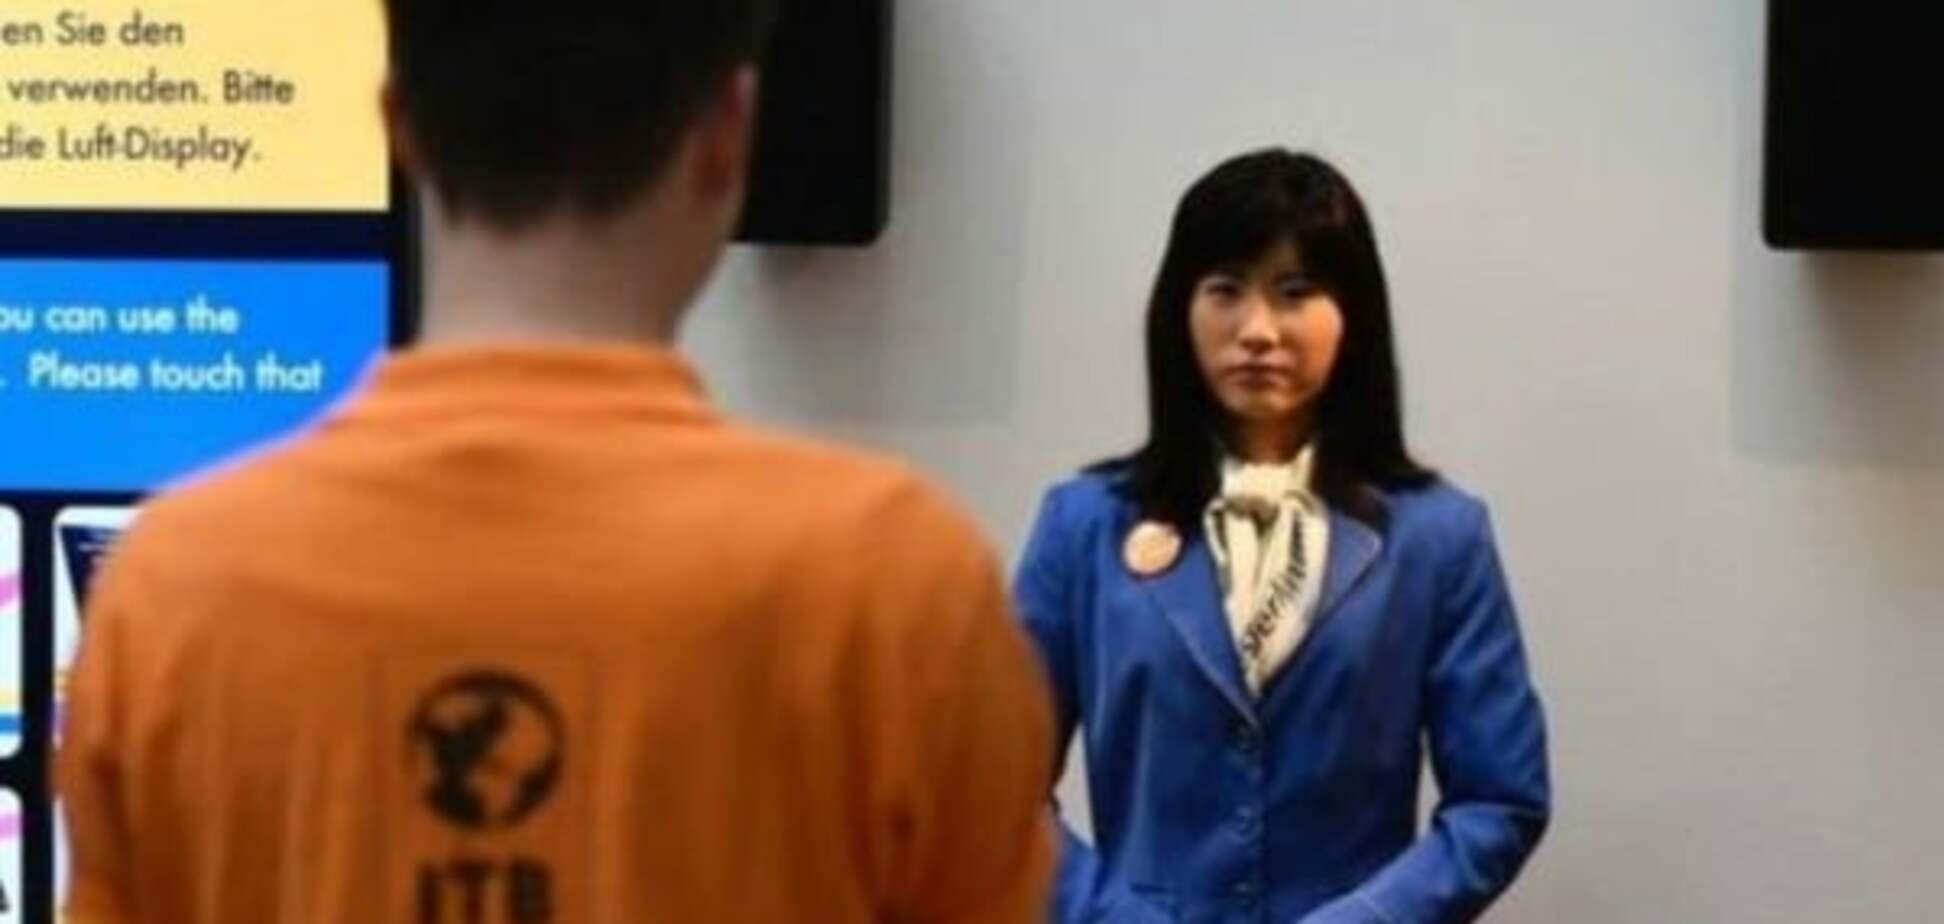 Как живой: Toshiba представила максимально человекоподобного робота